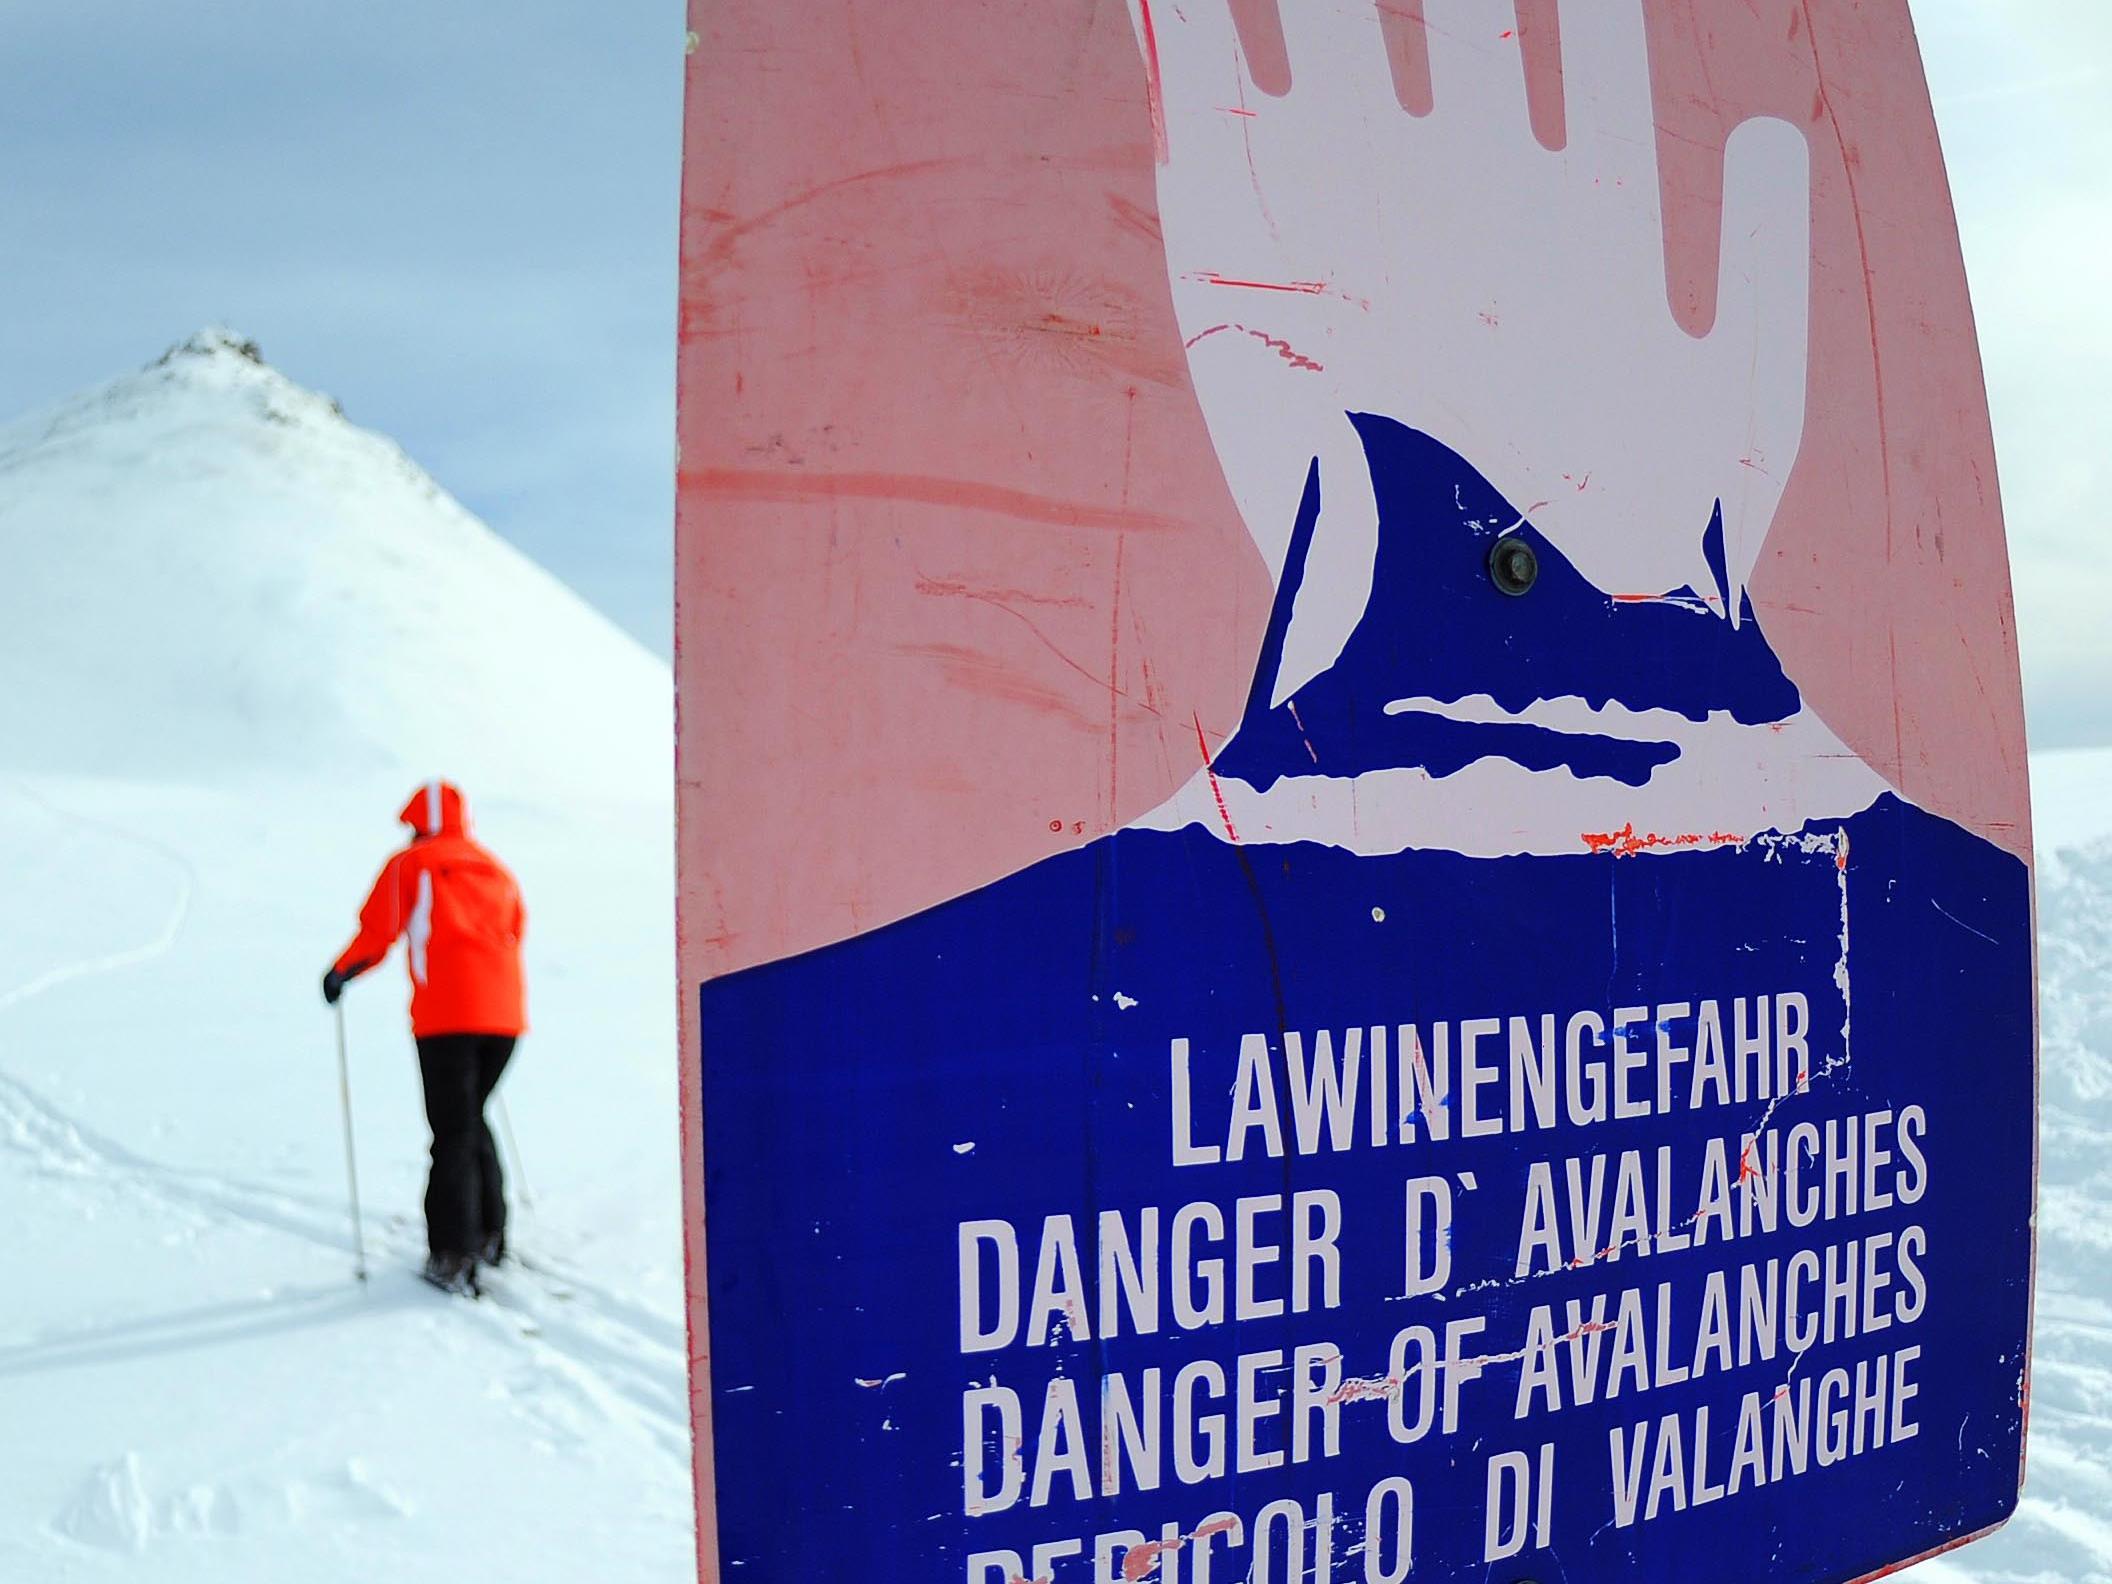 Laut Polizei fuhr der Mann im freien Skiraum in einen steilen Hang ein.